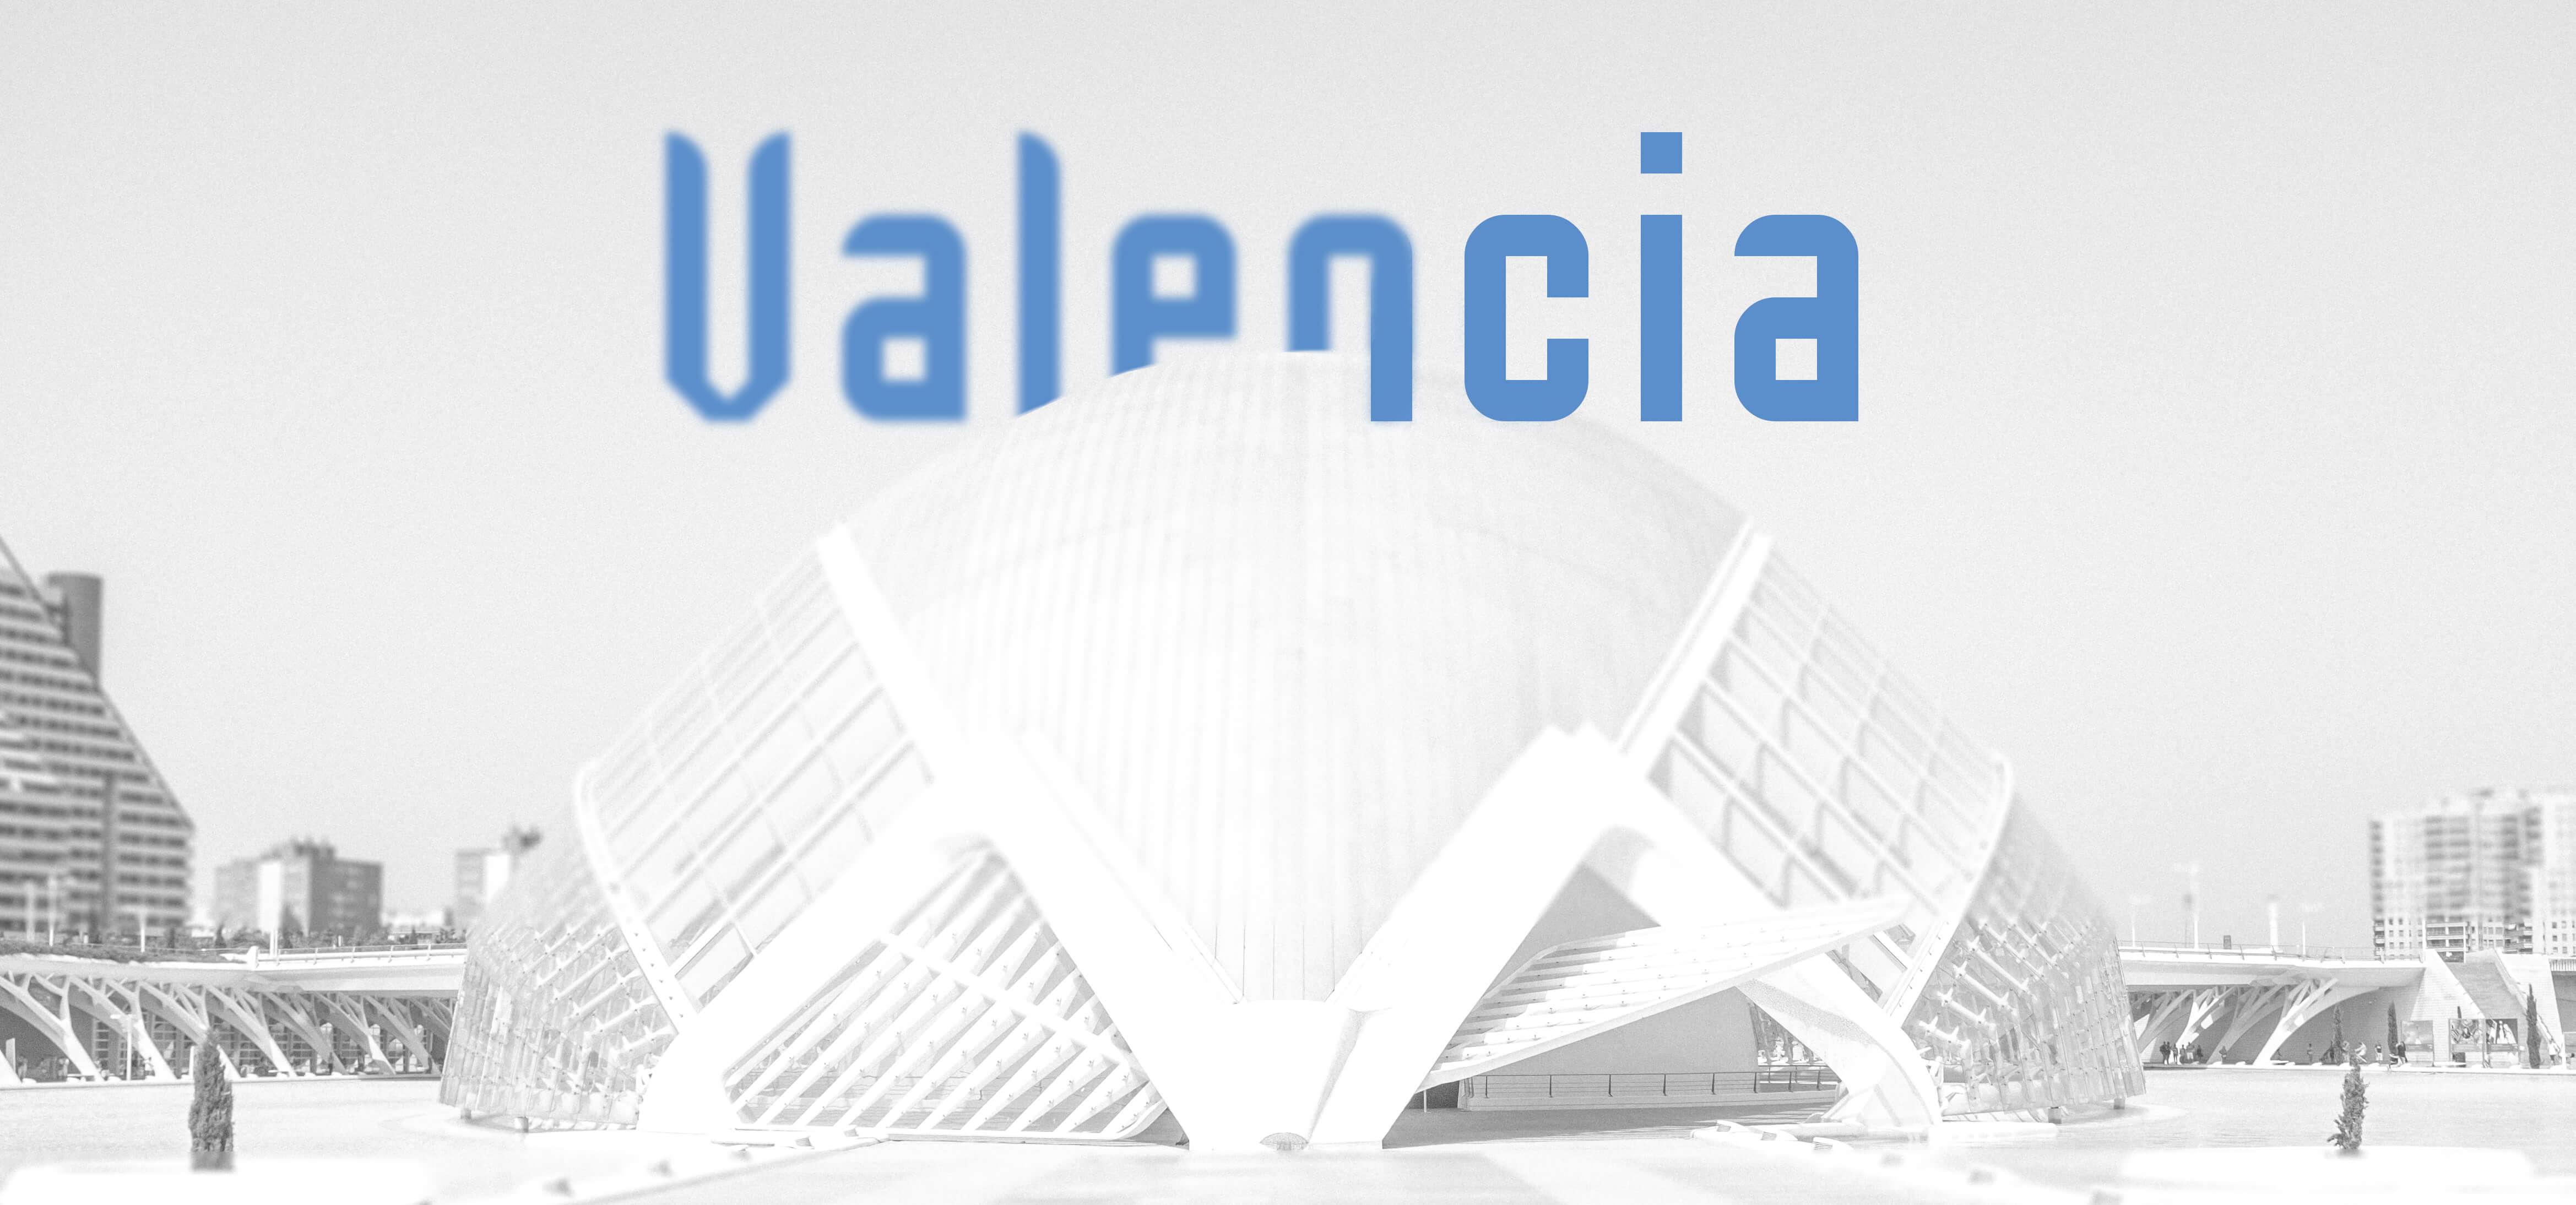 160828_valencia_1366